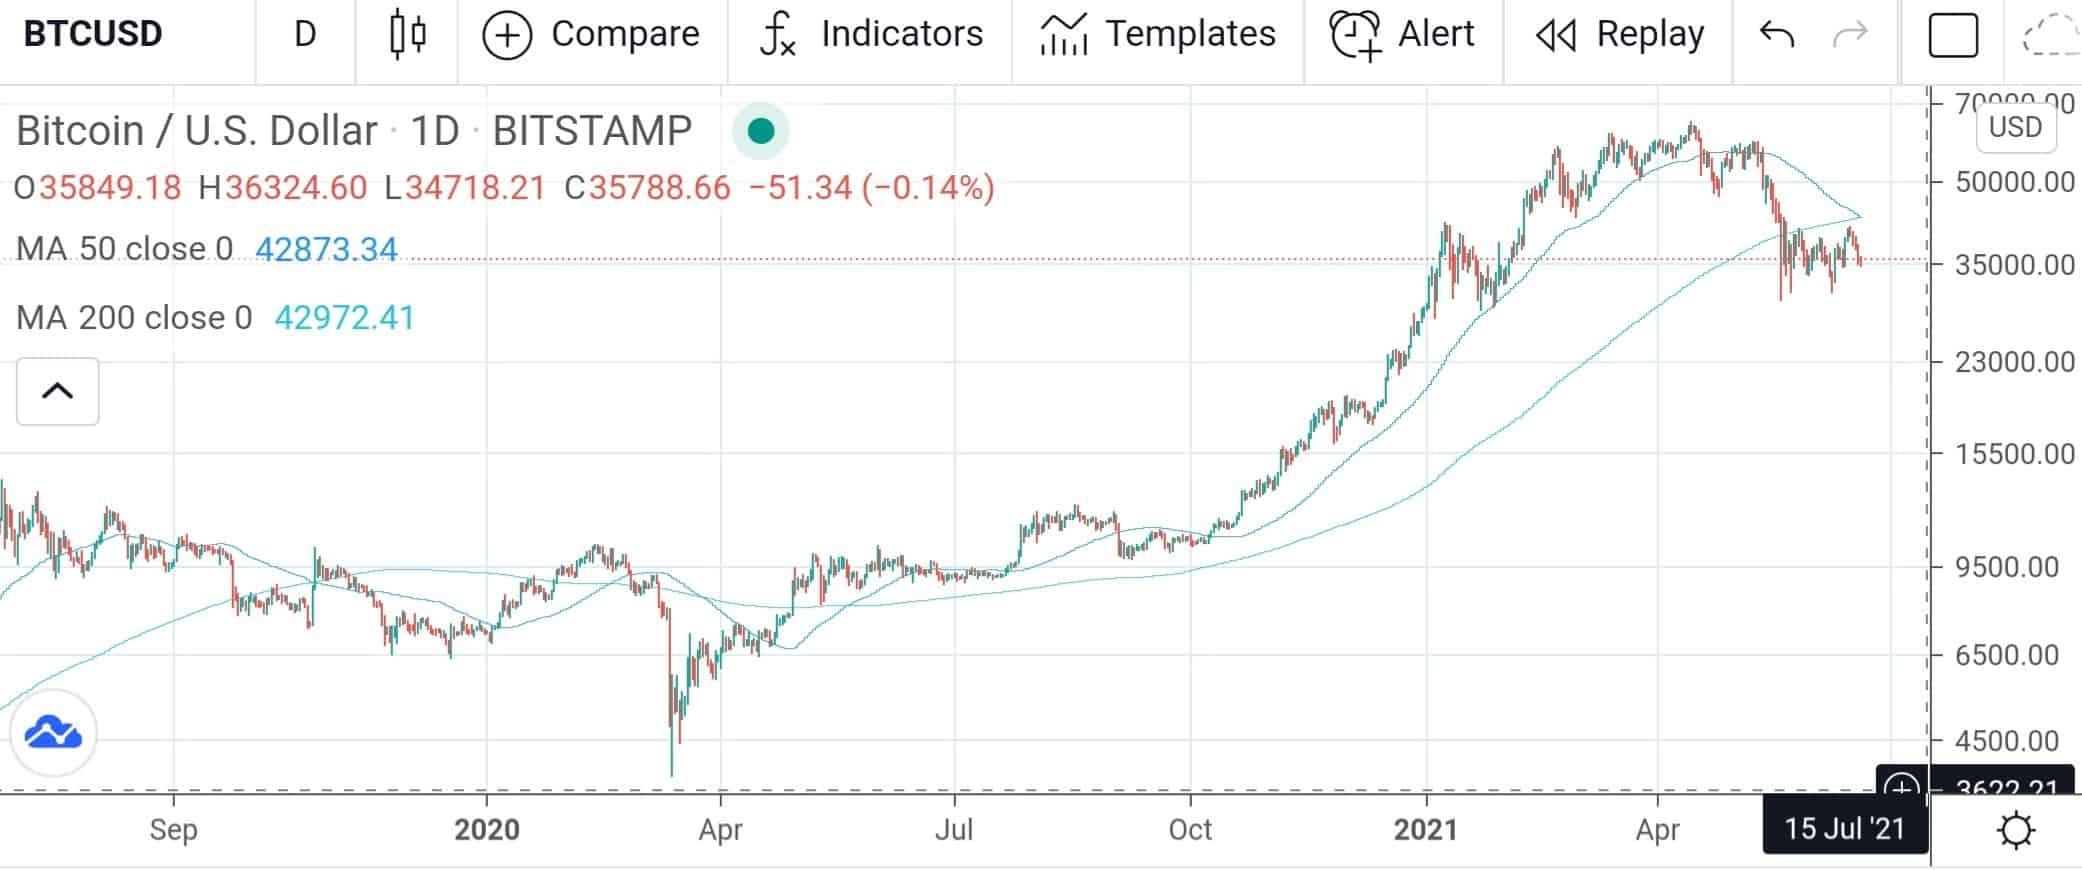 golden cross bitcoin 2021